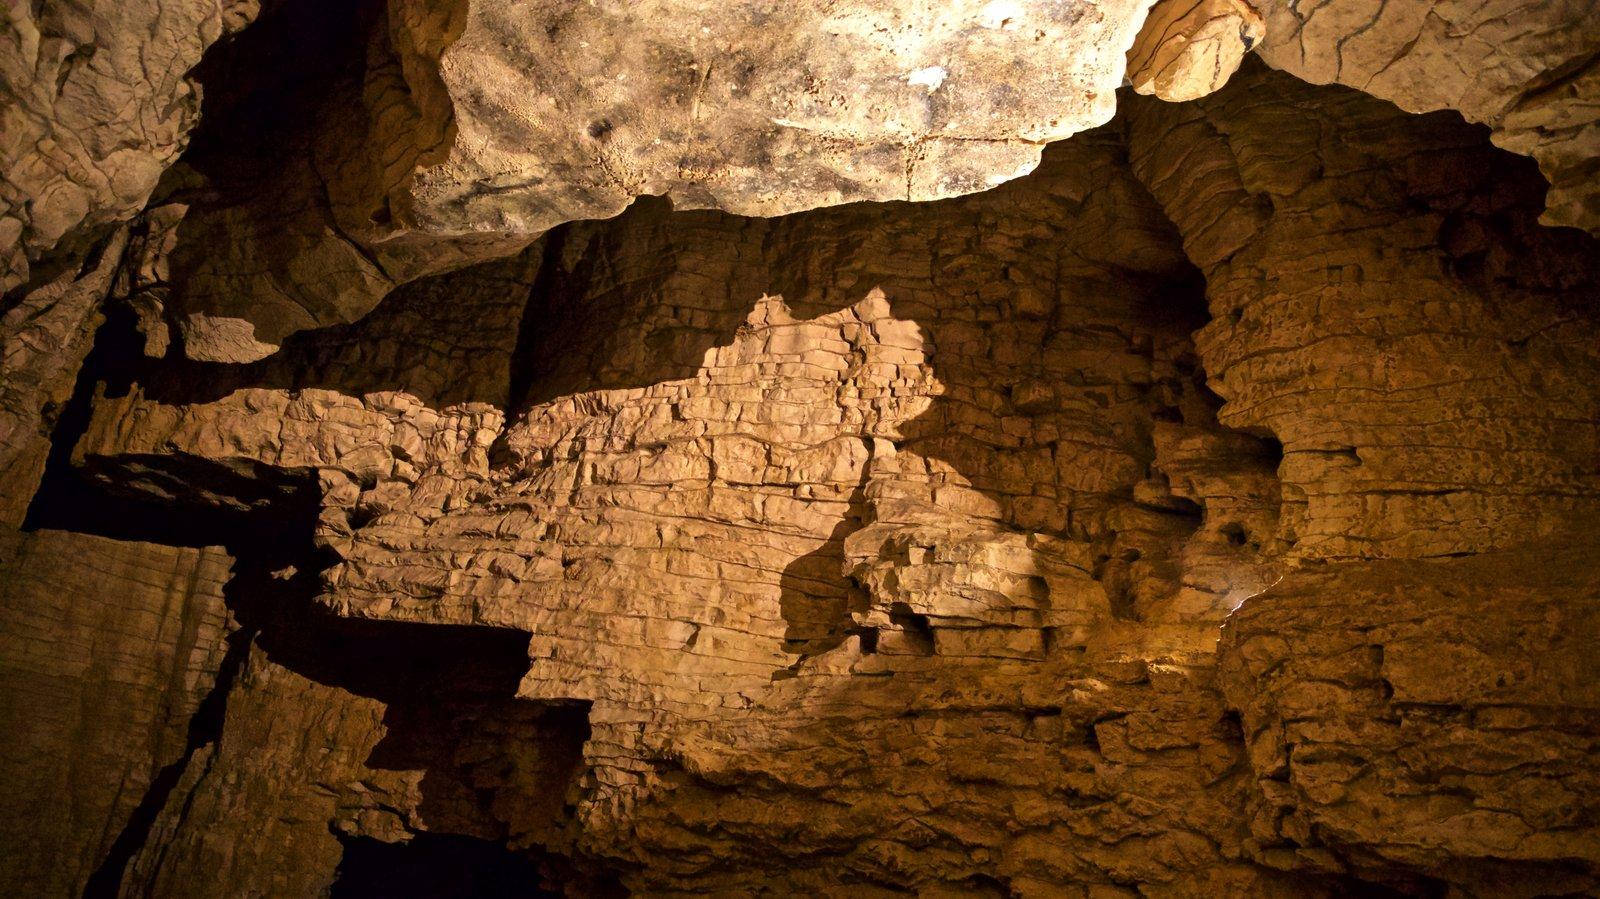 Cavernas de Waitomo mostrando cavernas